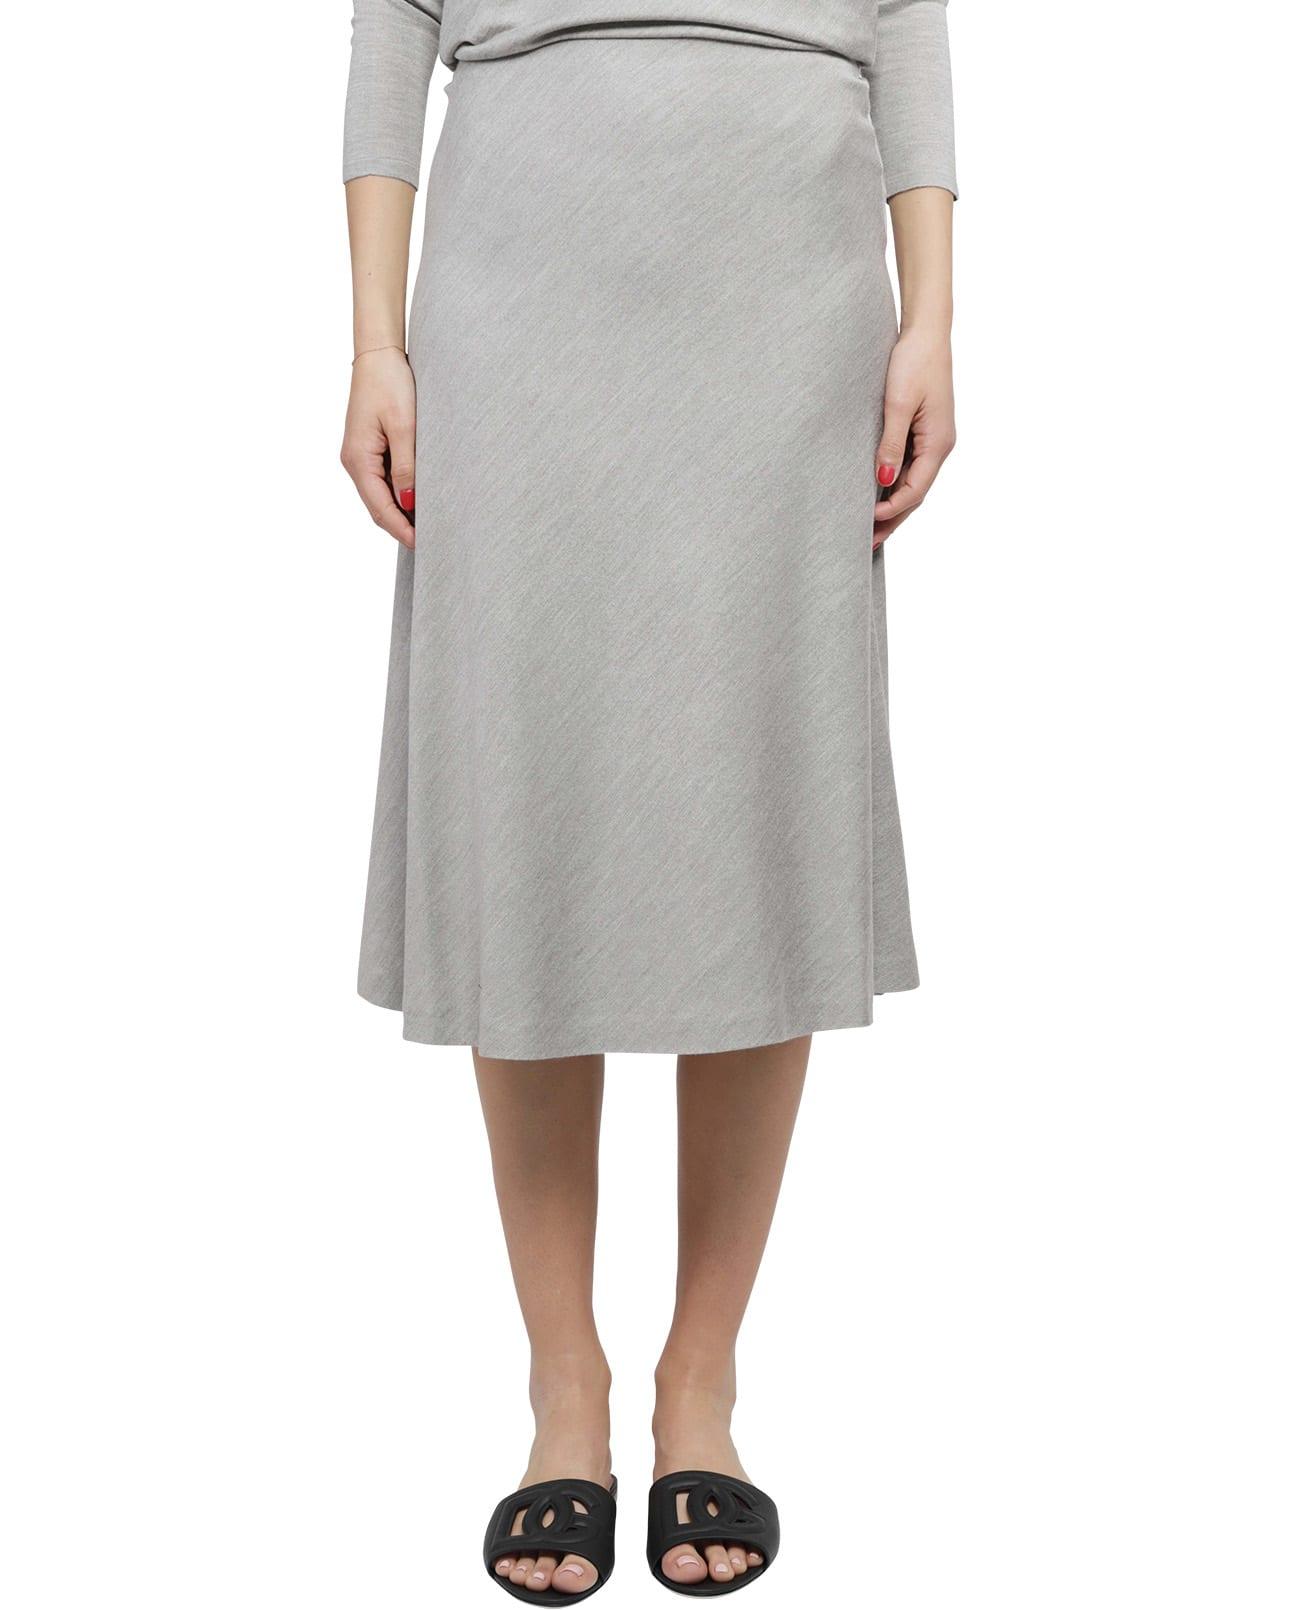 Ralph Lauren Grey Bias Skirt